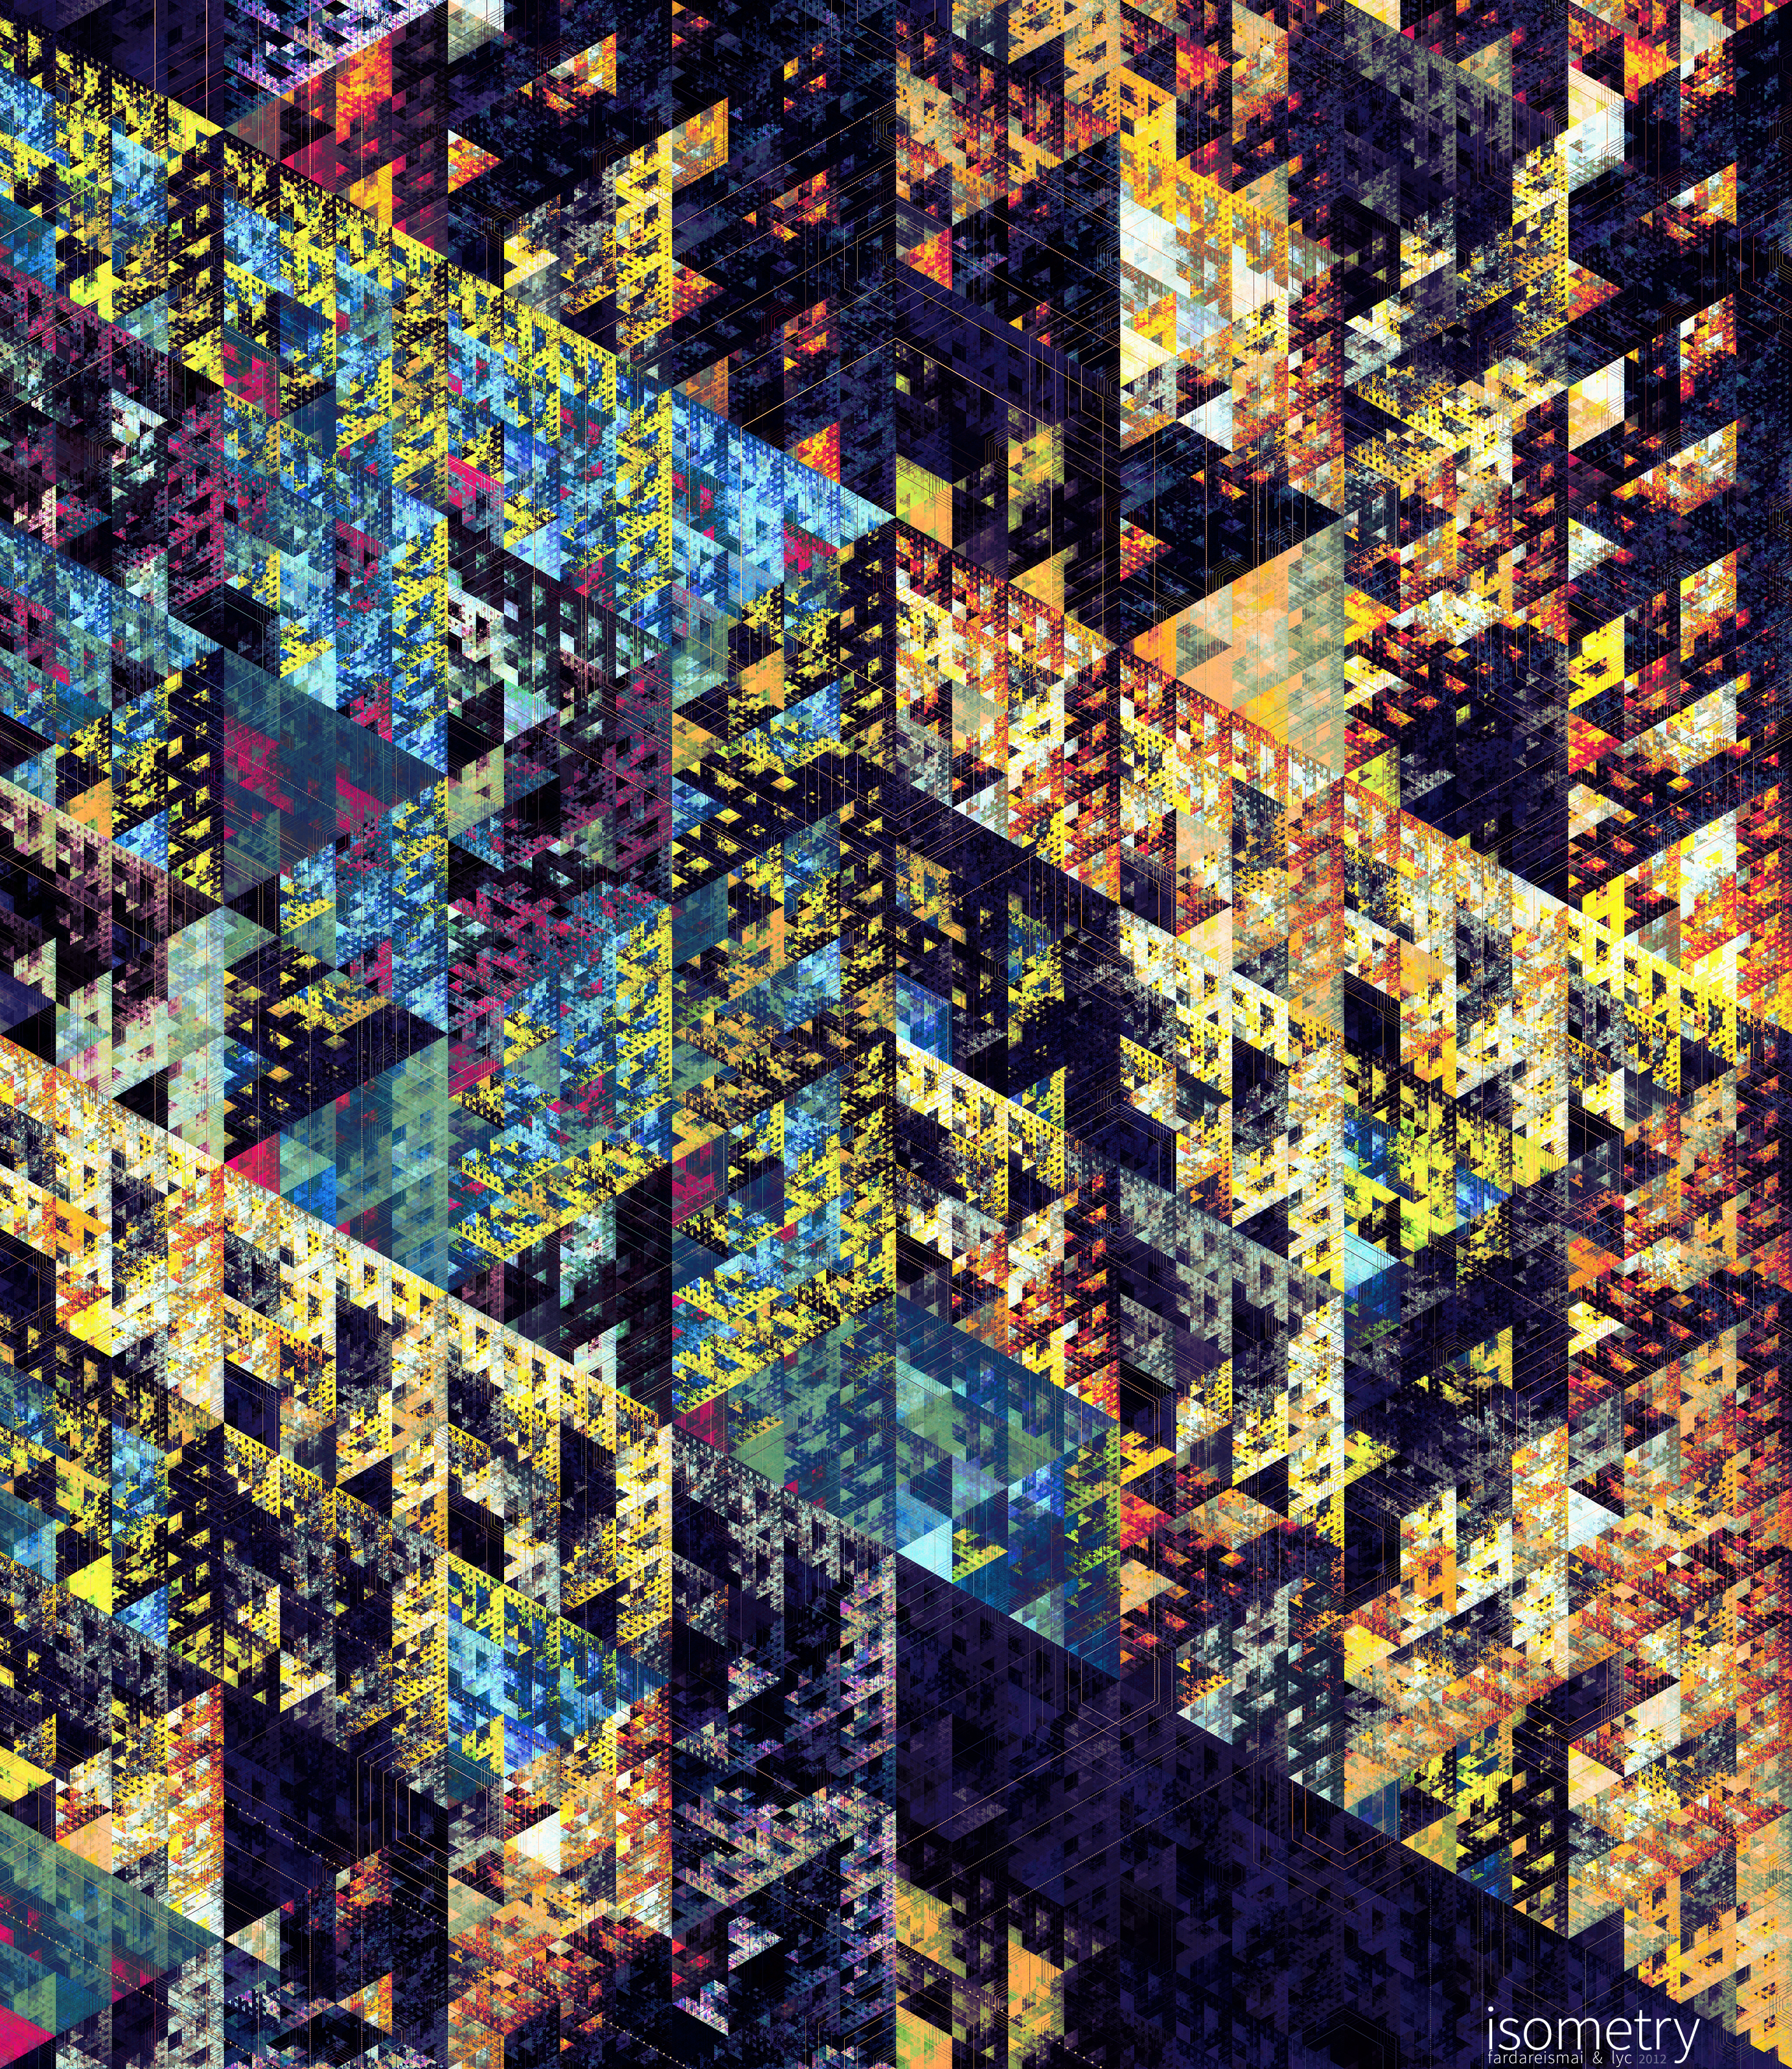 Isometry by FarDareisMai